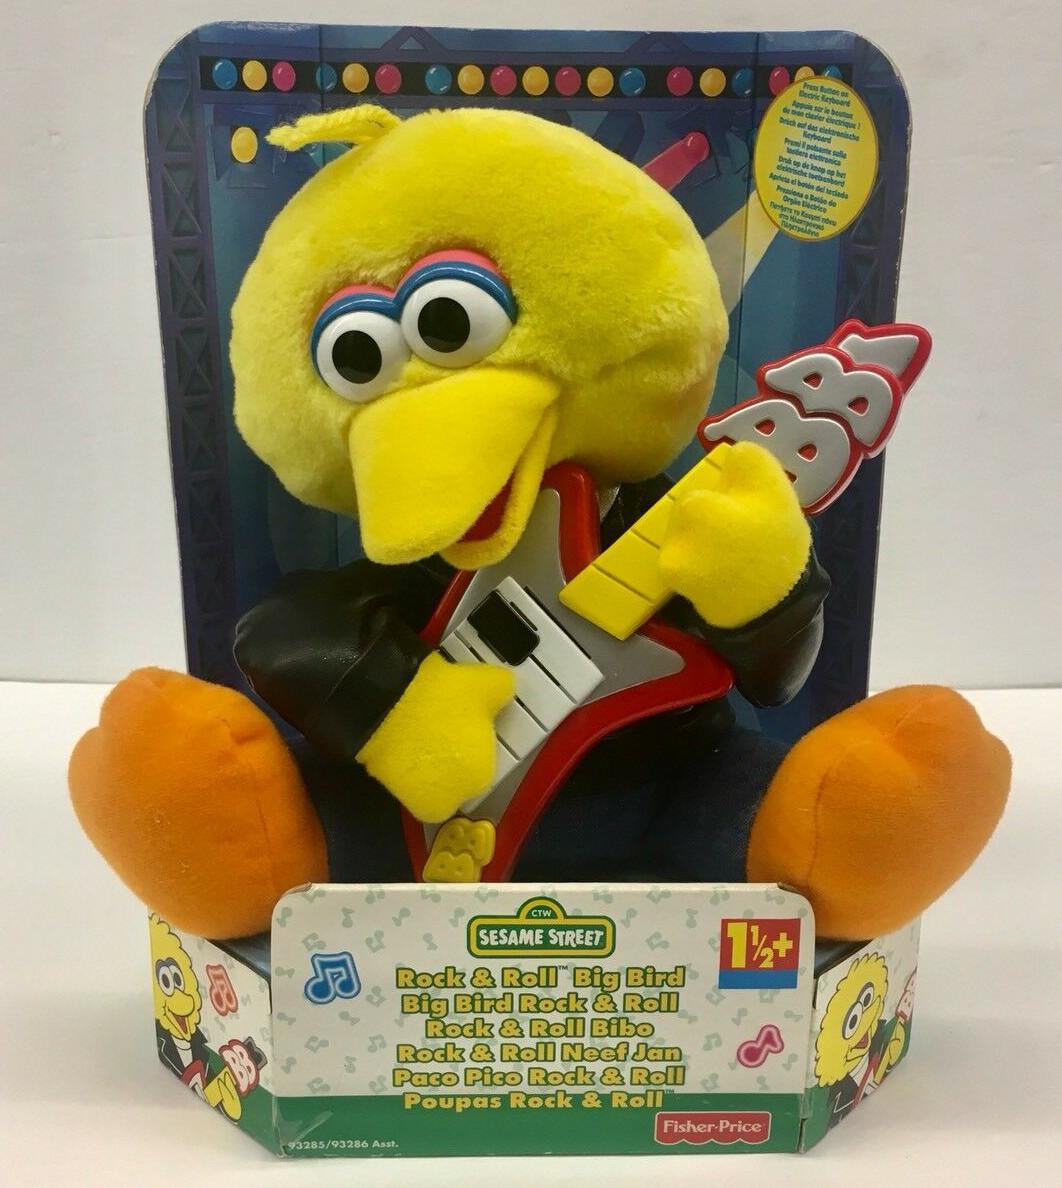 Rock&RollBigBirdTyco1999